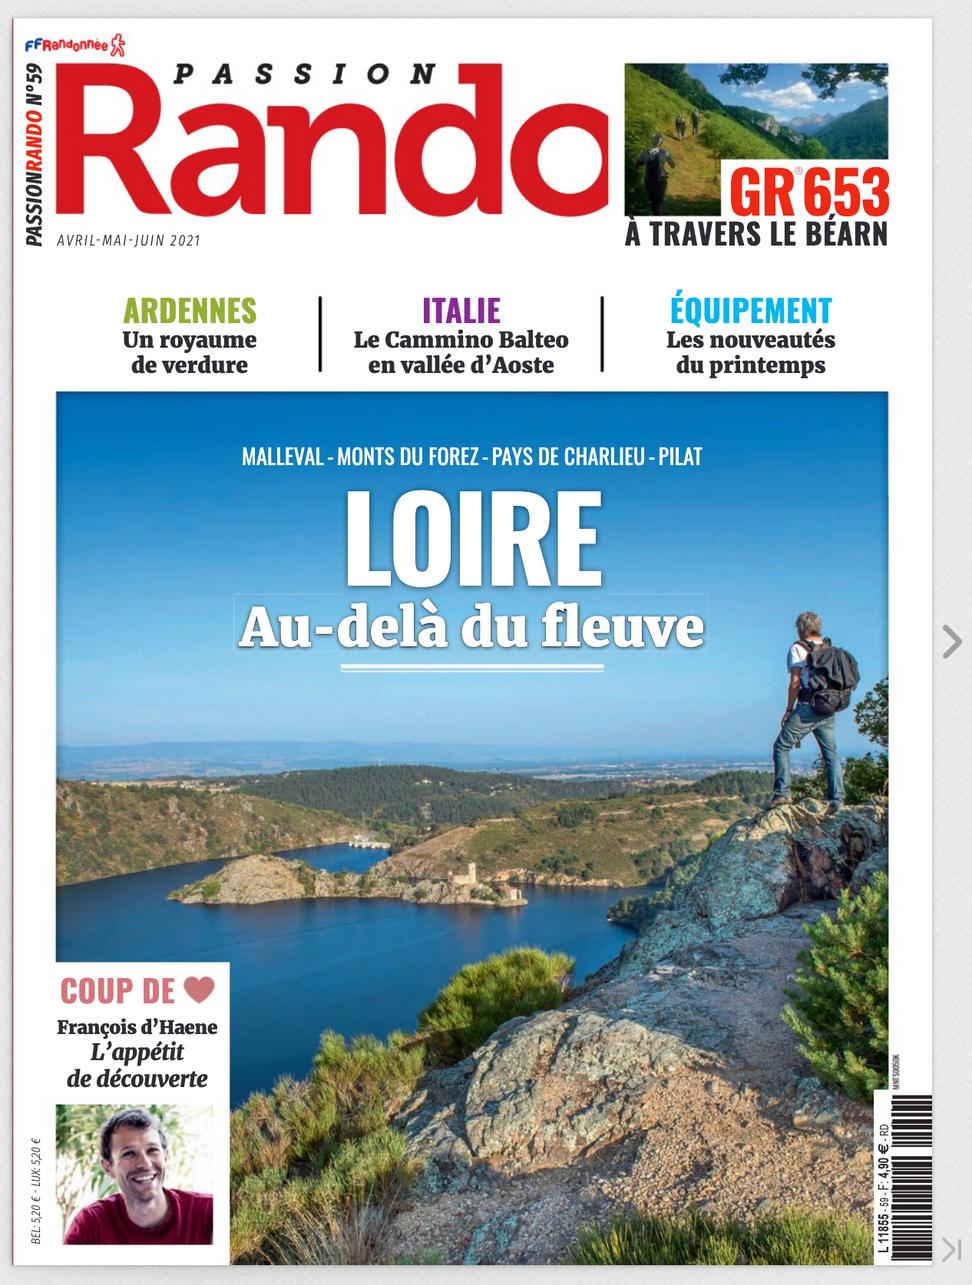 Quand un magazine national met en valeur nos chemins de randonnées